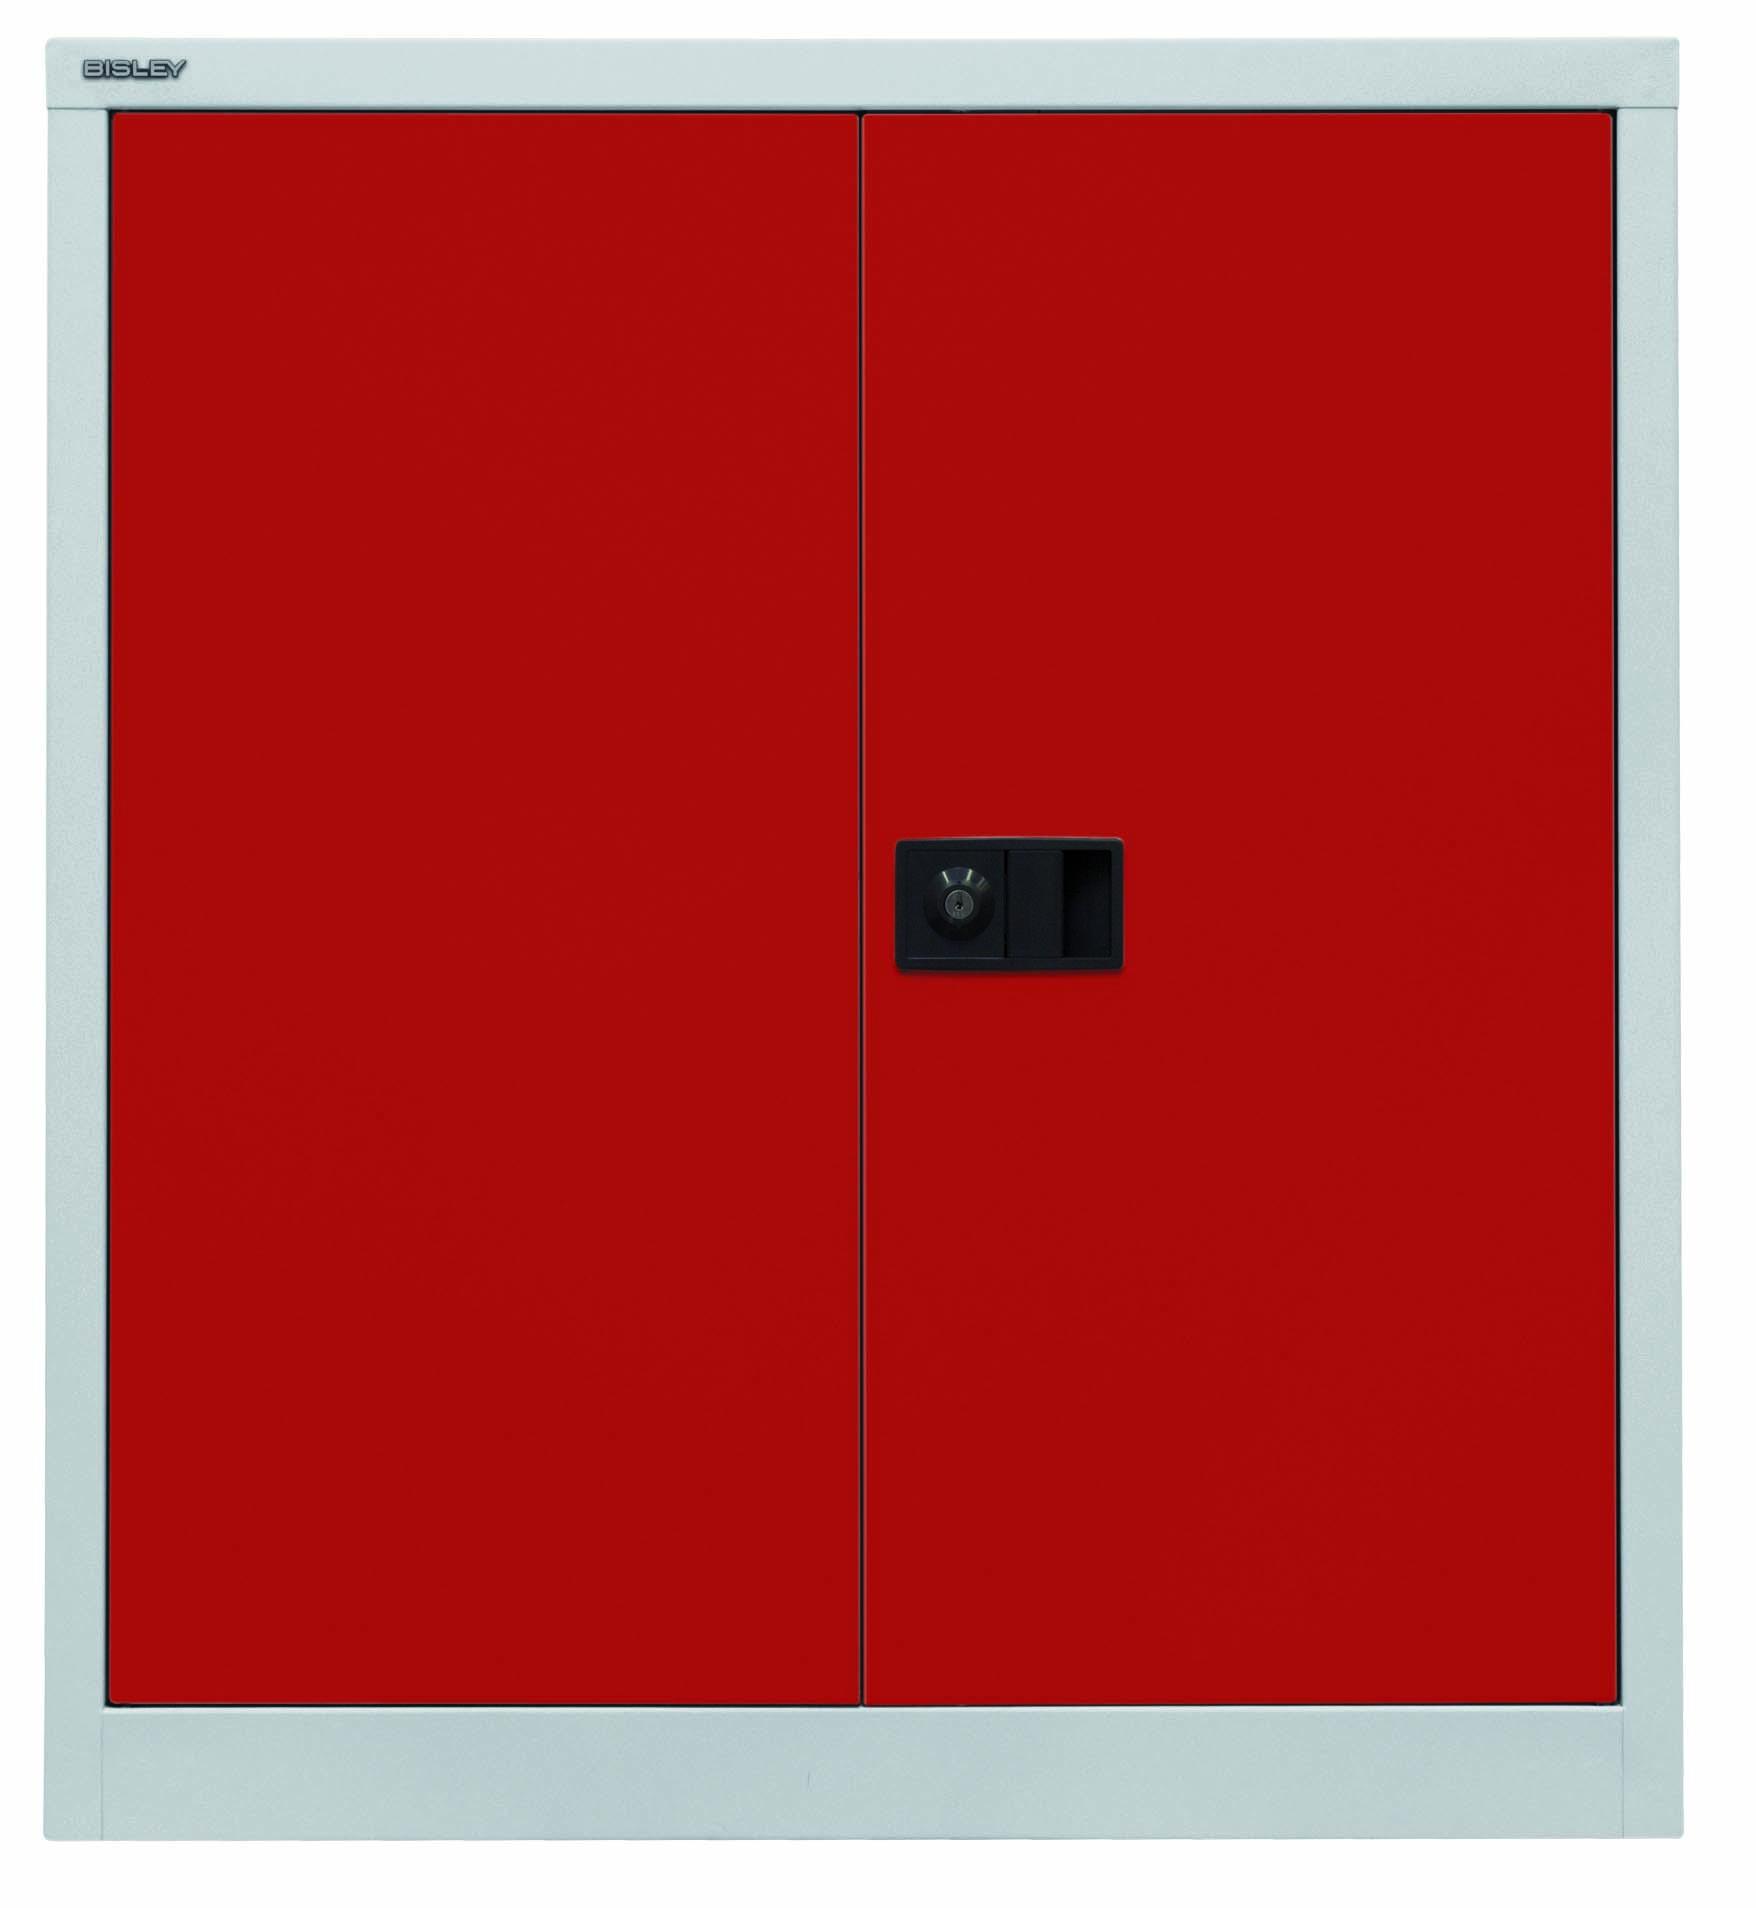 Bisley Flügeltürenschrank Universal, 1 Fachboden, 2 OH, Farbe Korpus lichtgrau, Türen kardinalrot